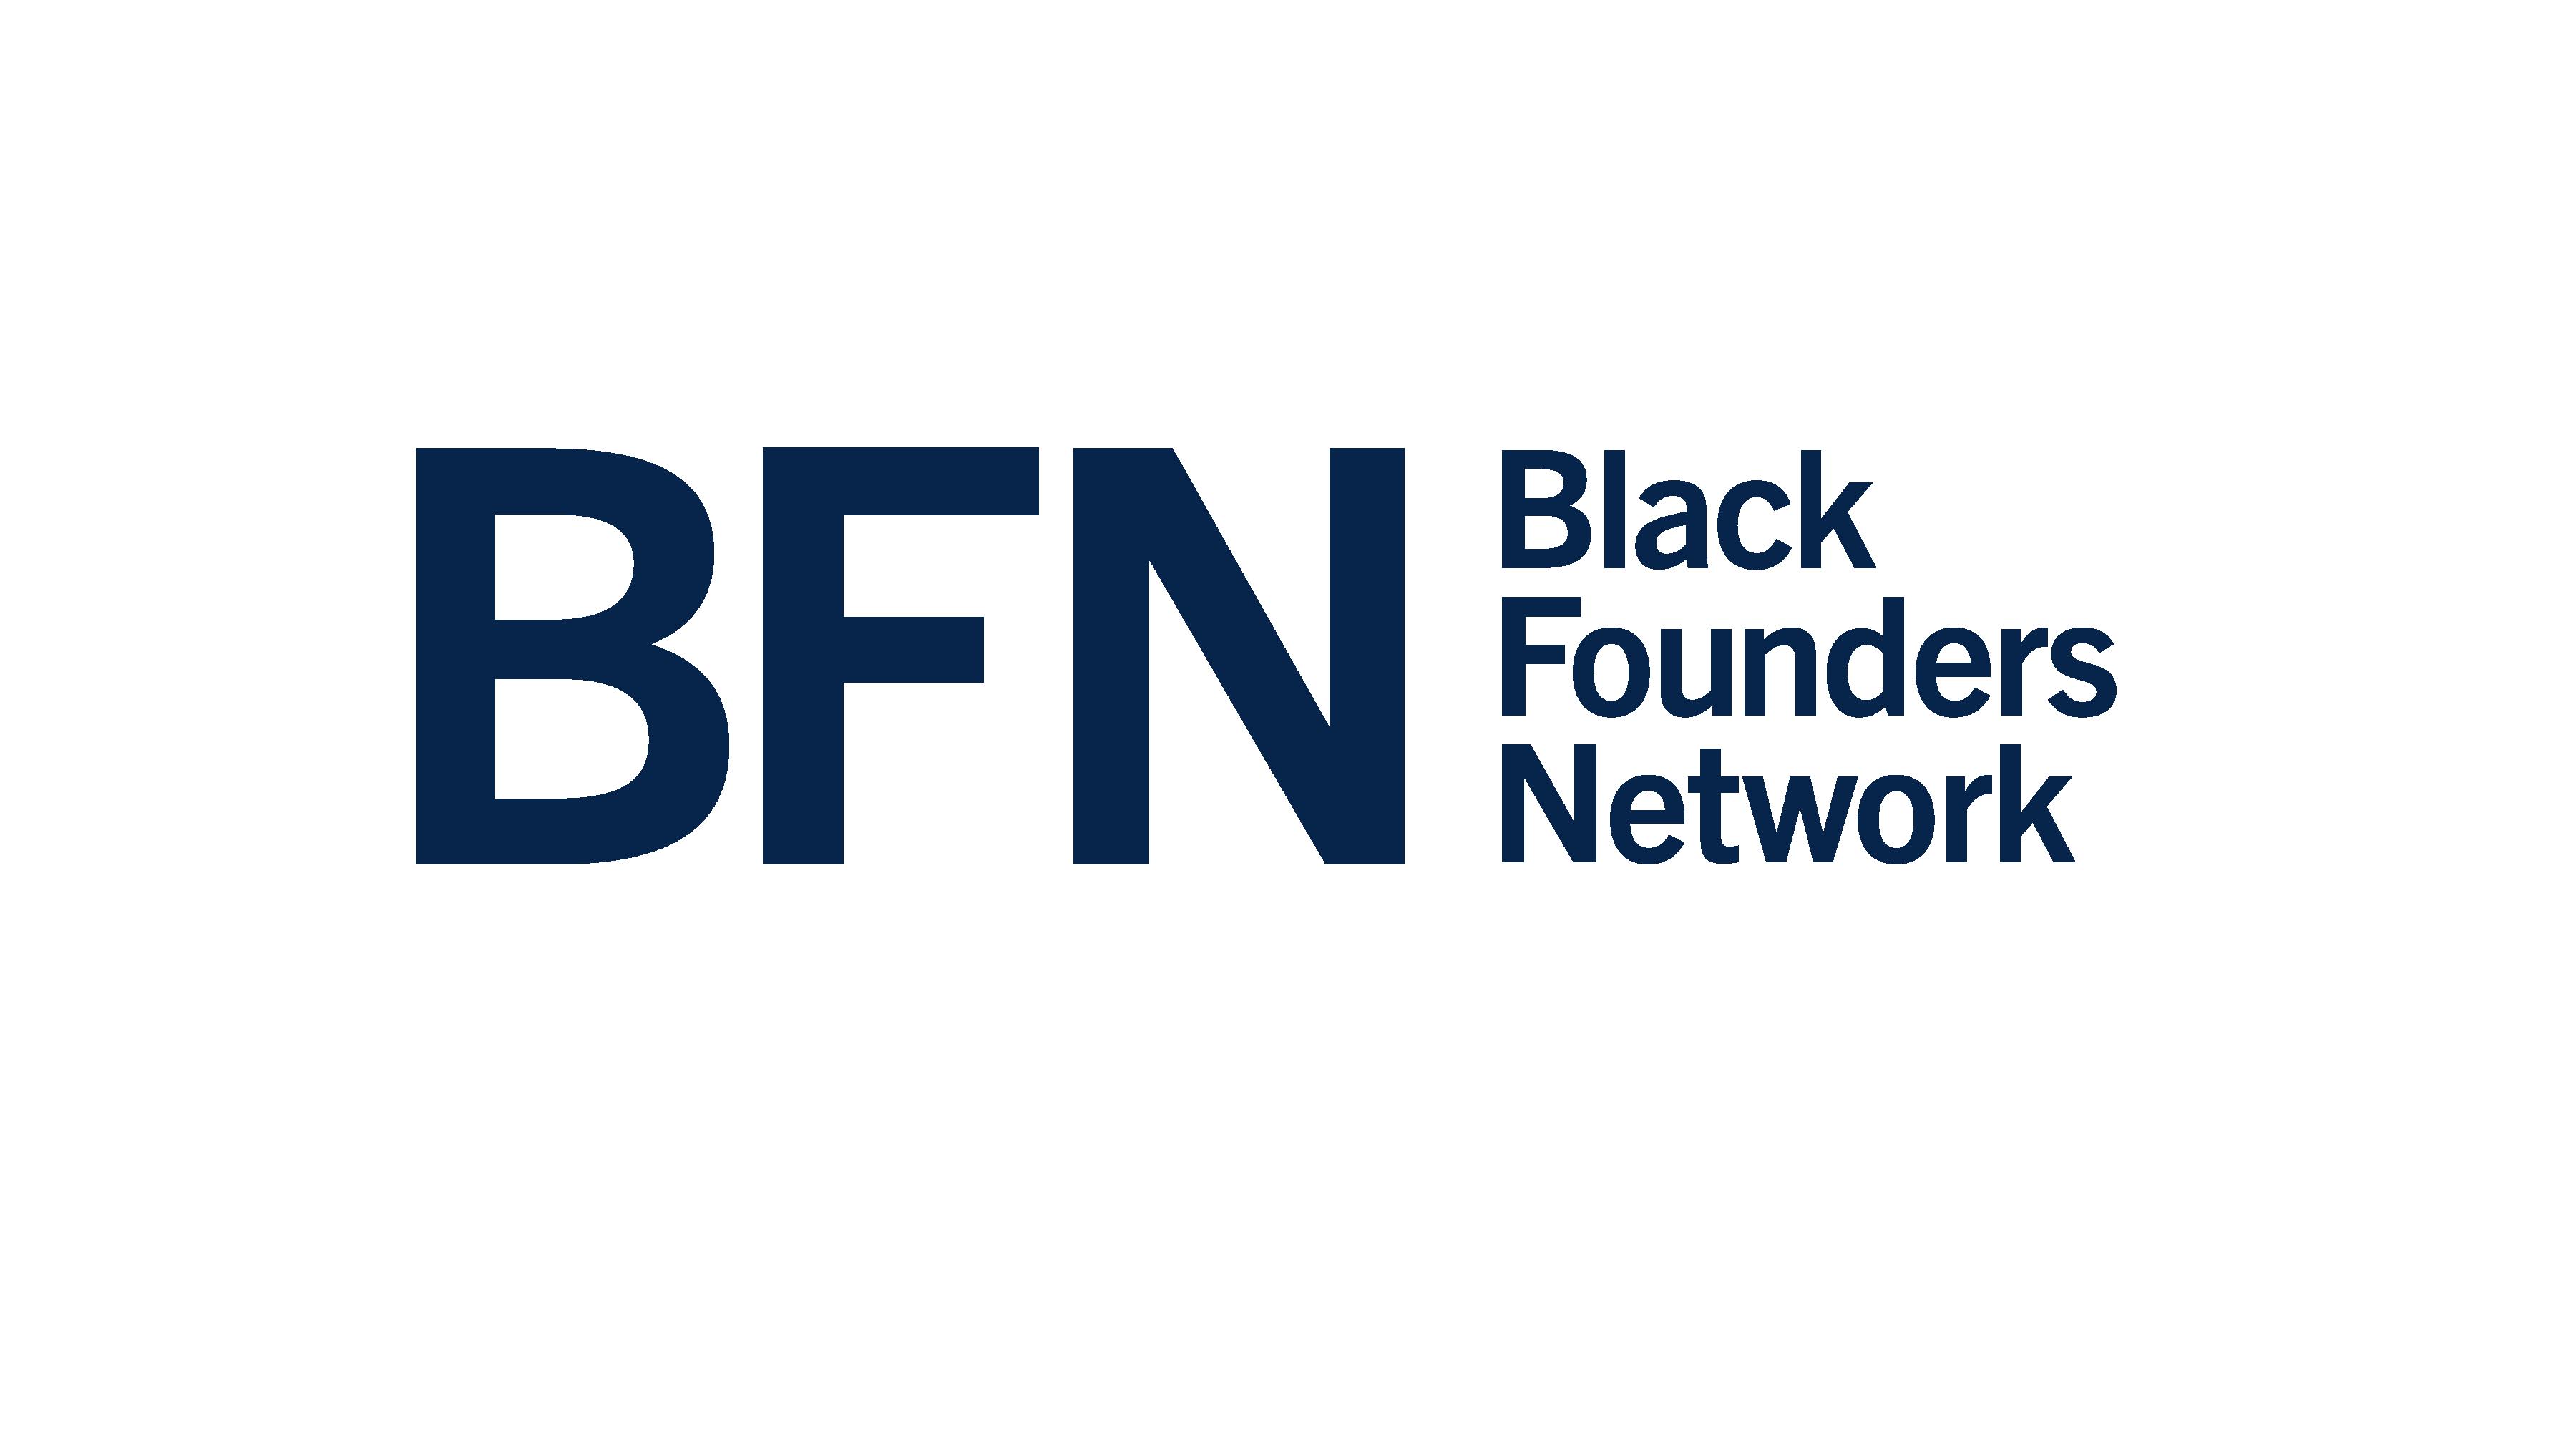 Black Founders Network Wordmark